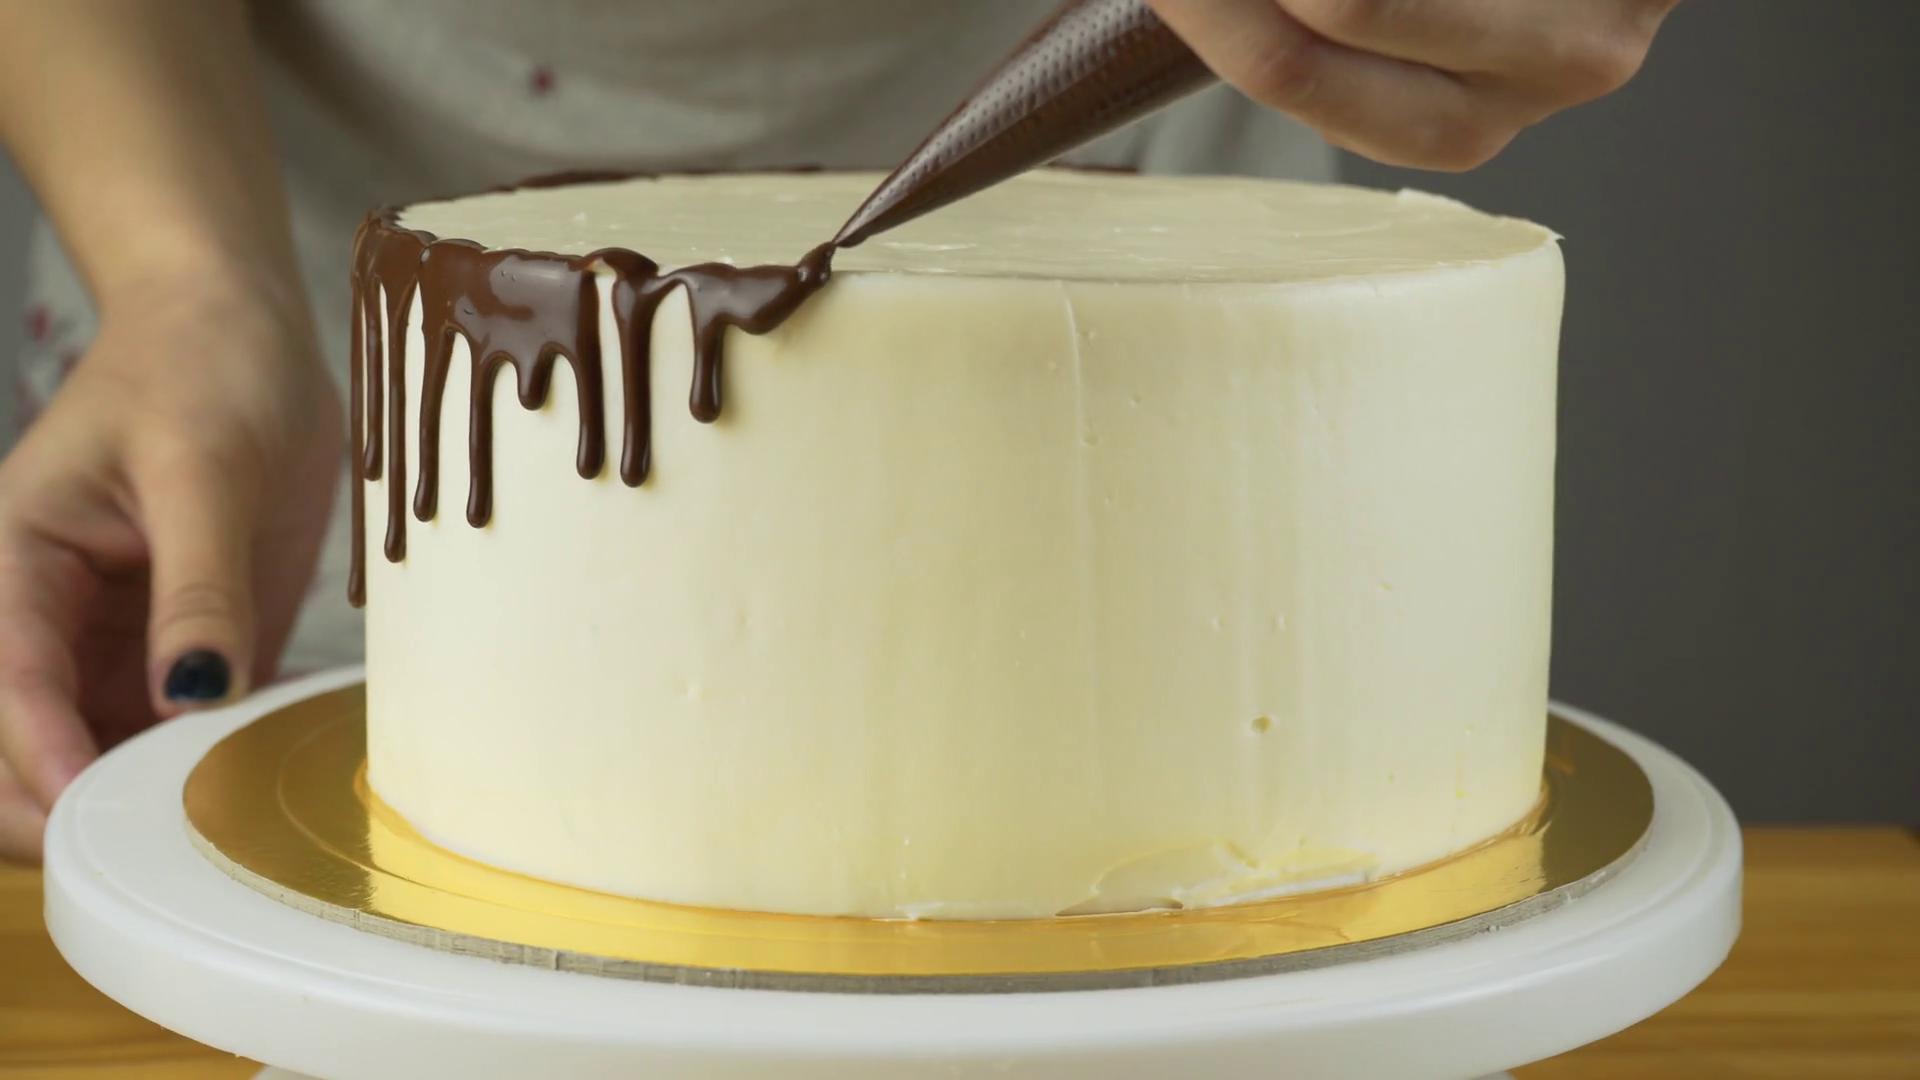 Сделать подтеки на торте шоколадом